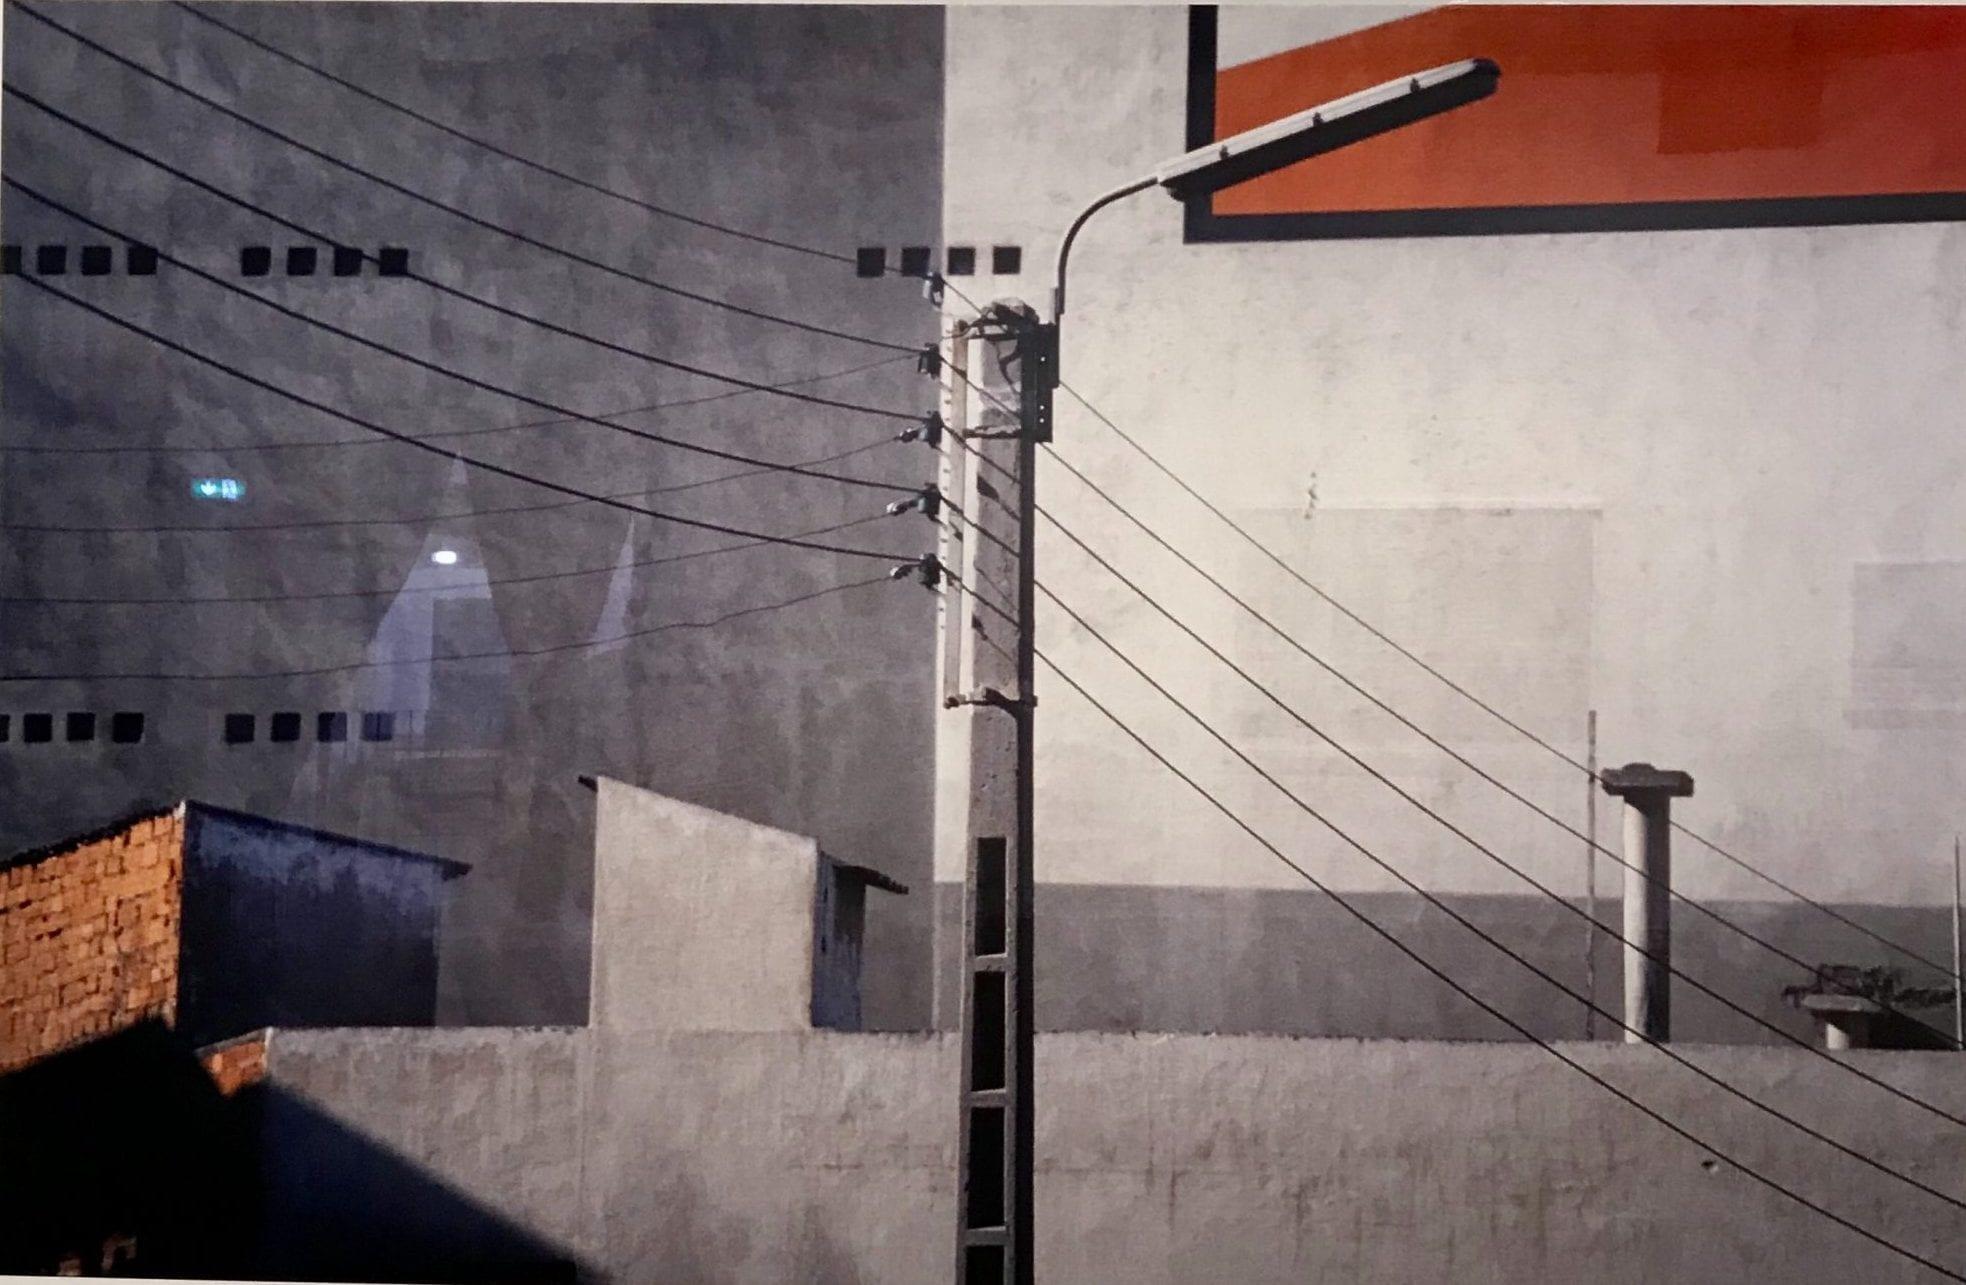 Sintesi. Gli orizzonti di Franco Fontana a Modena, 30 opere inedite celebrano 60 anni di carriera